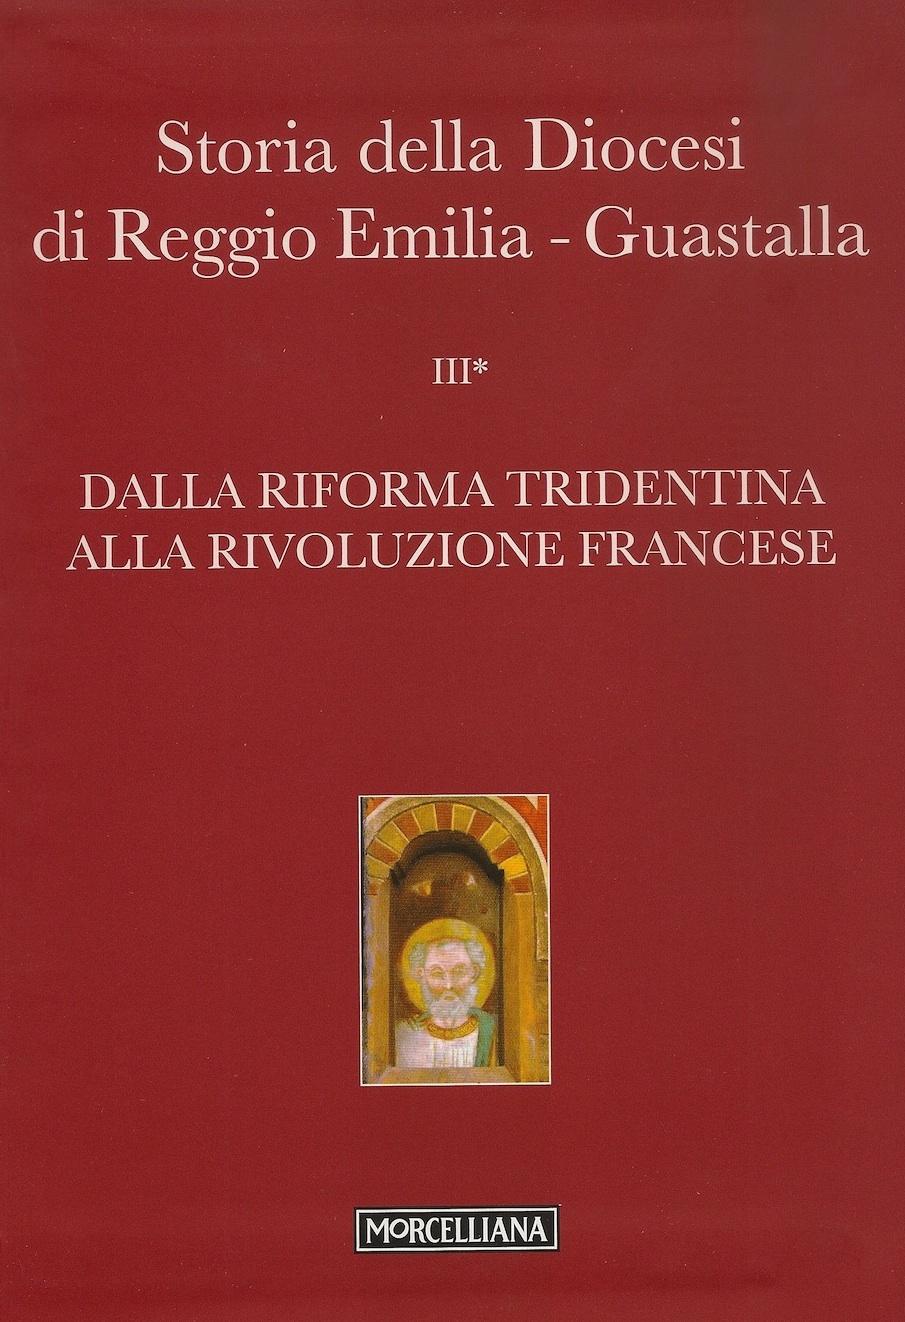 Storia della Diocesi di Reggio Emilia-Guastalla - Vol. 3.2